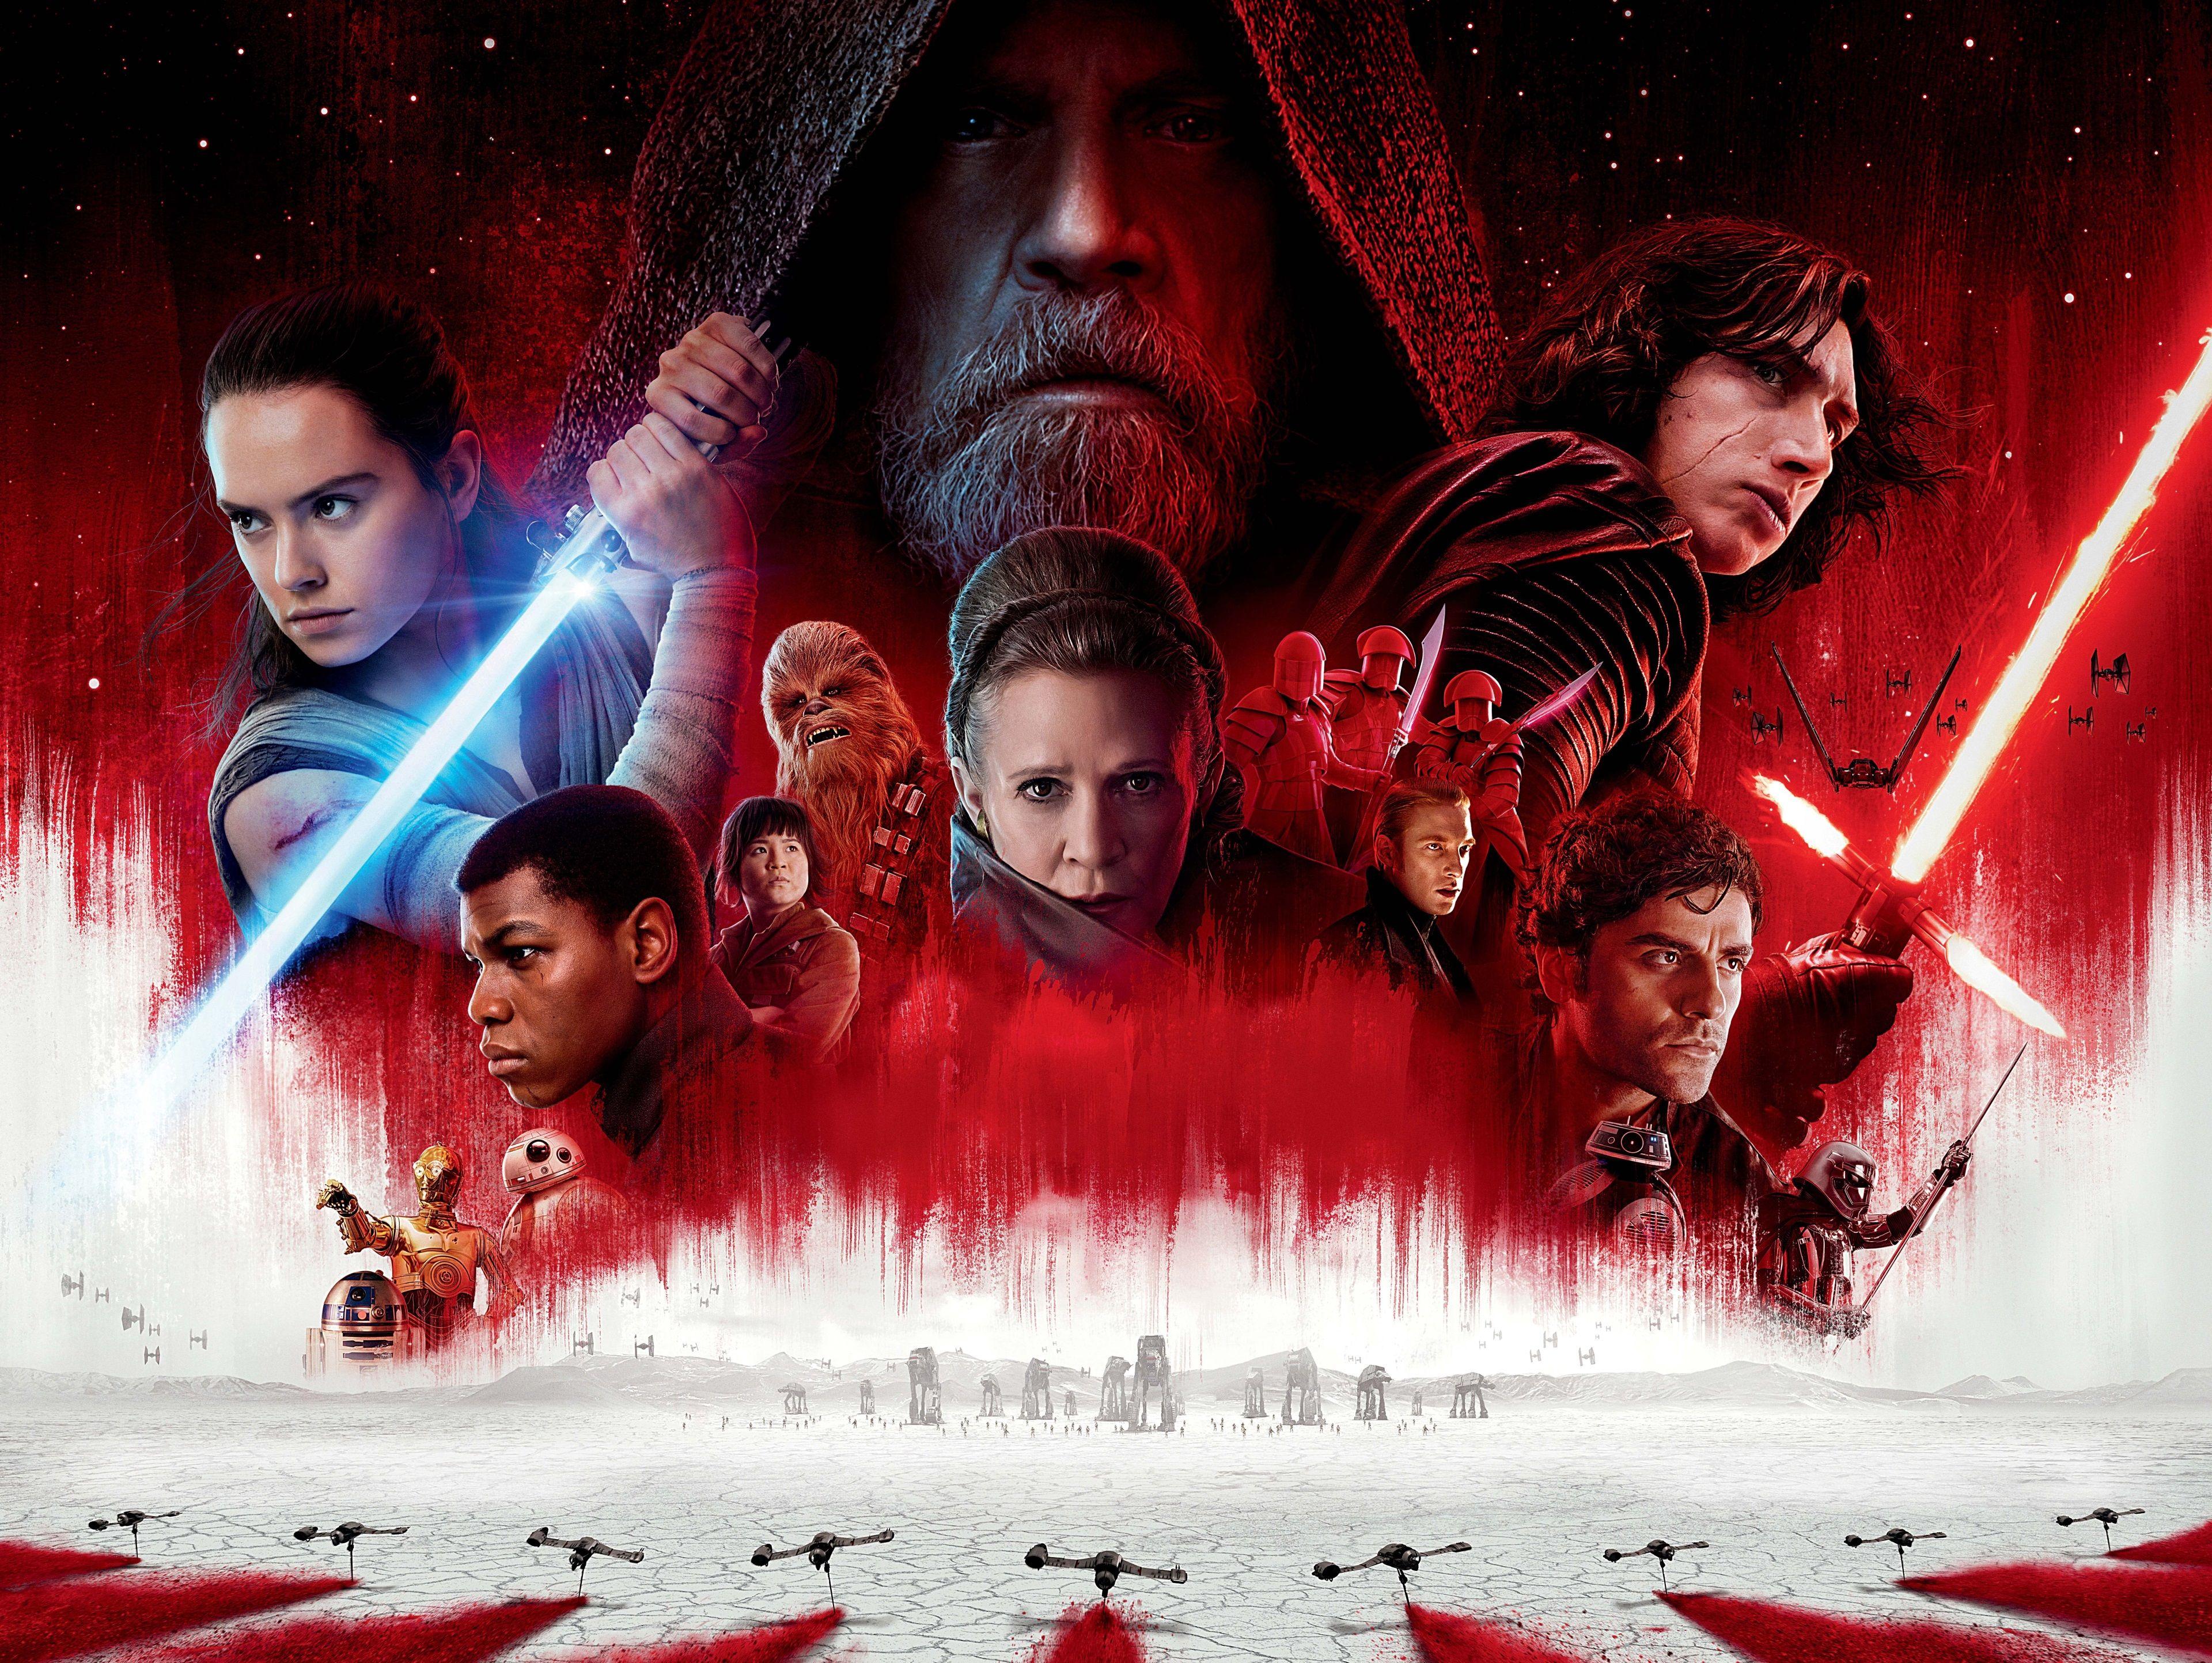 Star Wars The Last Jedi Wallpaper Starwars Star Wars Film Star Wars Movie Star Wars Watch